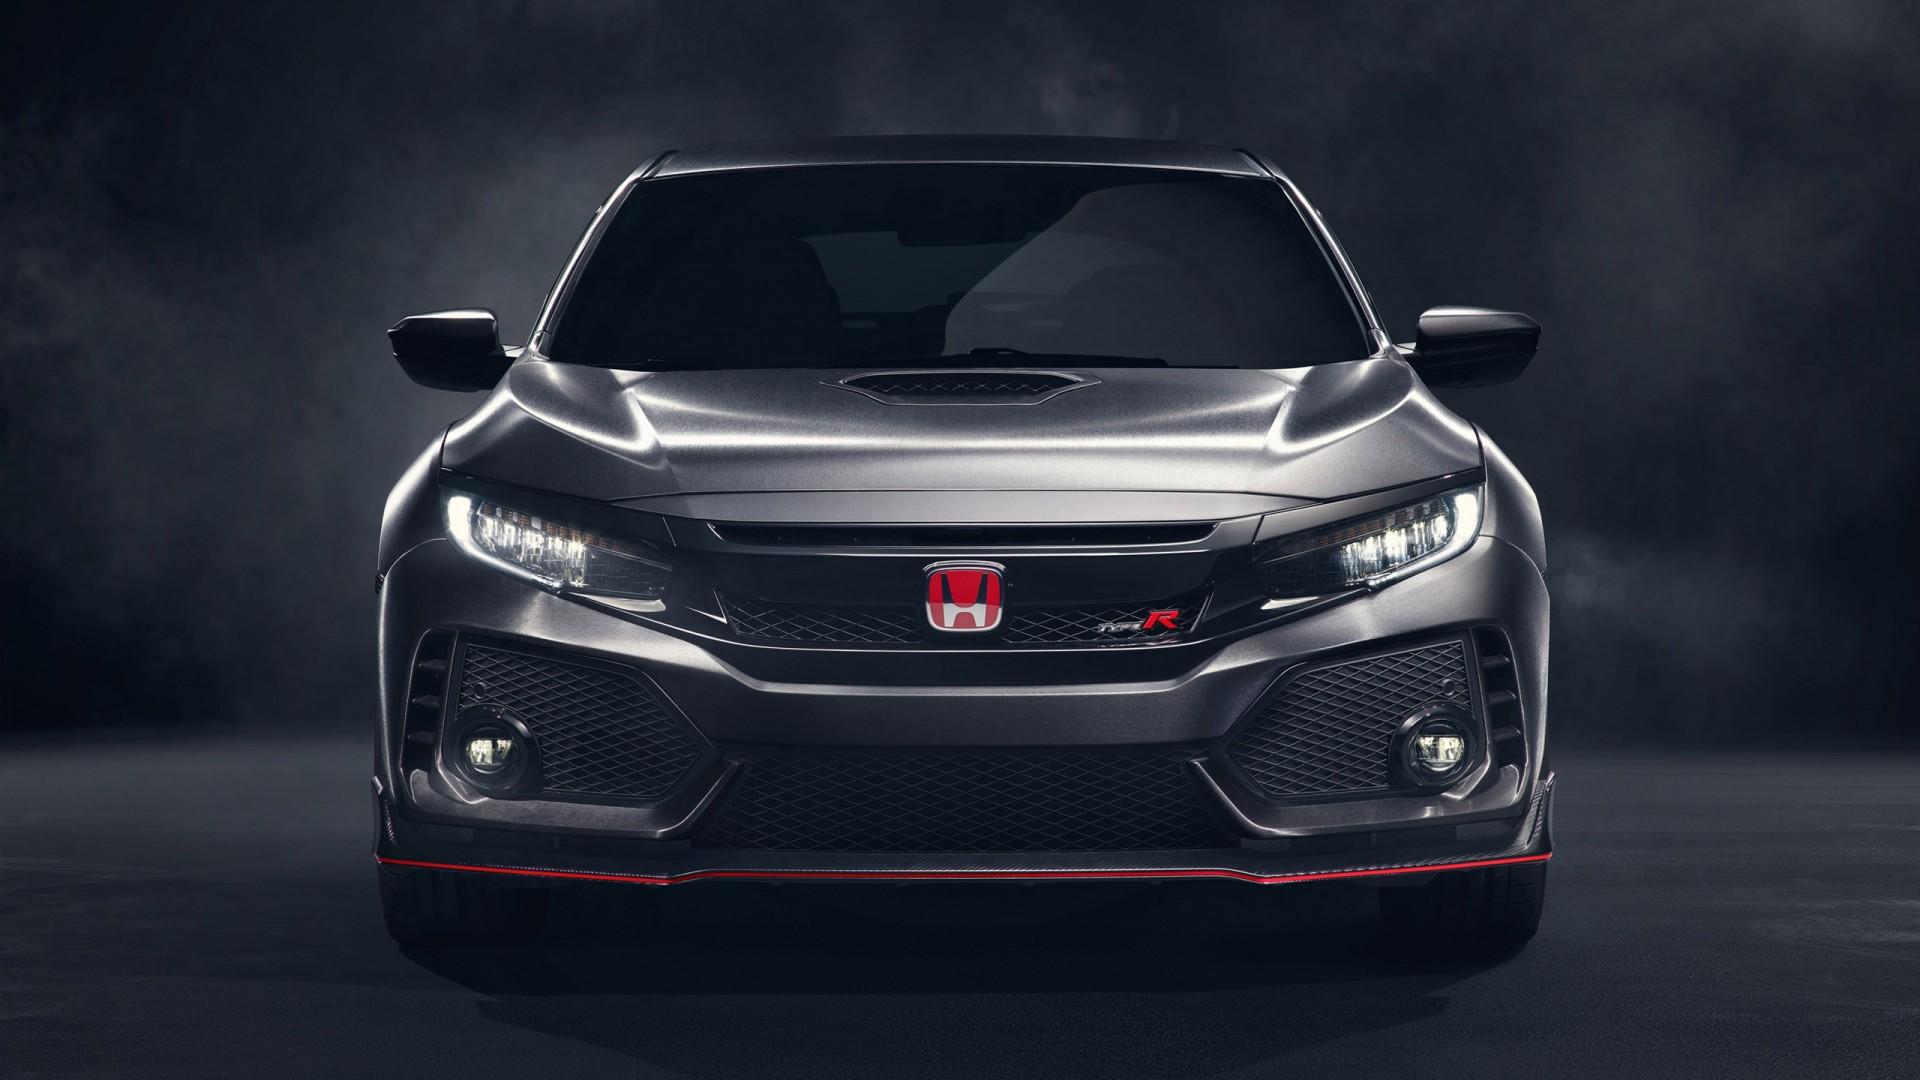 2017 Honda Civic Type R Wallpaper | HD Car Wallpapers | ID ...